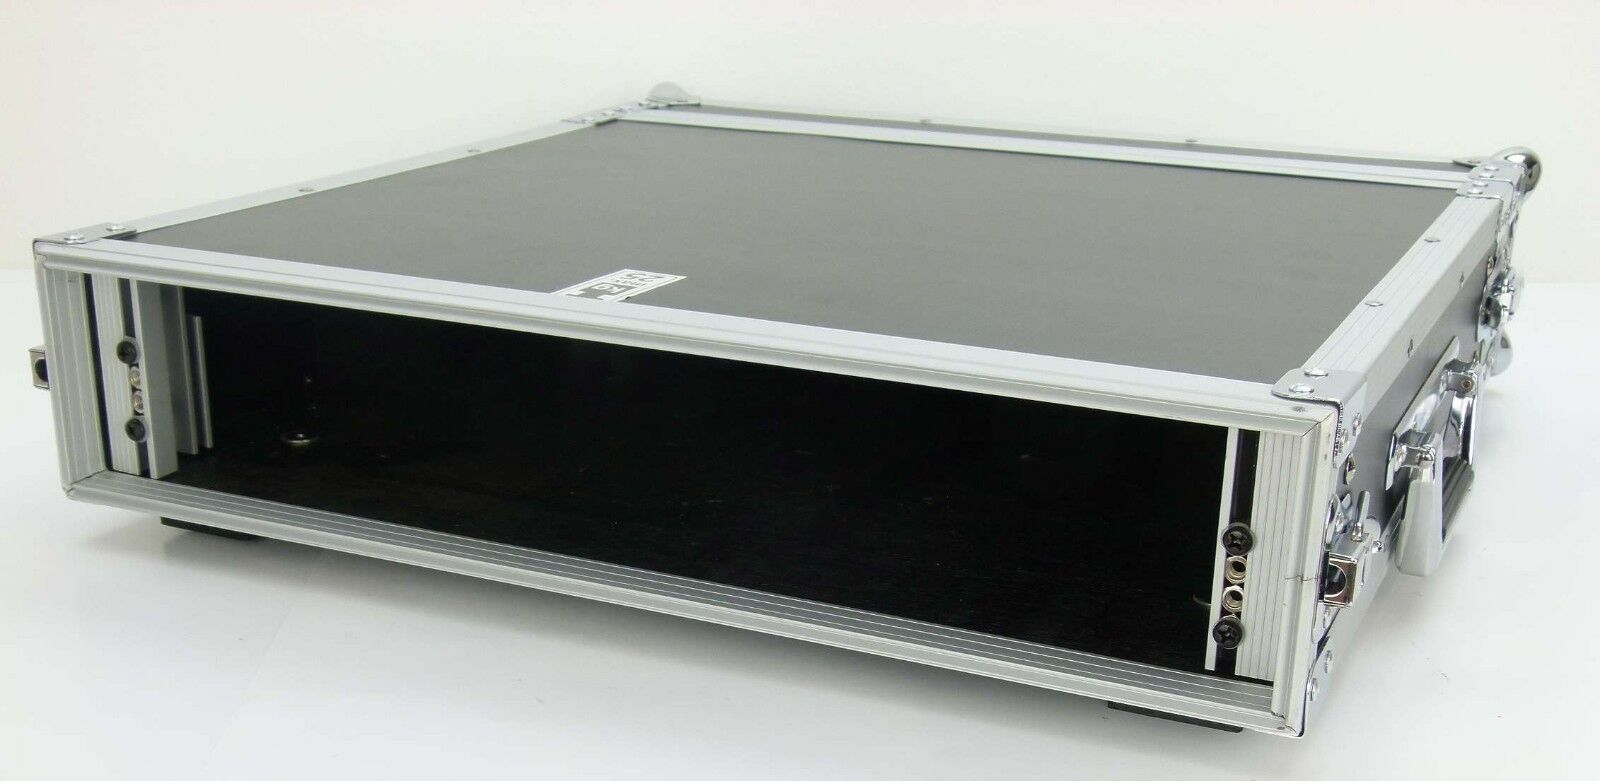 Profi Verstärkerrack PR-1, 2 HE, 47 cm tief Double Door Amprack Flightcase Rack